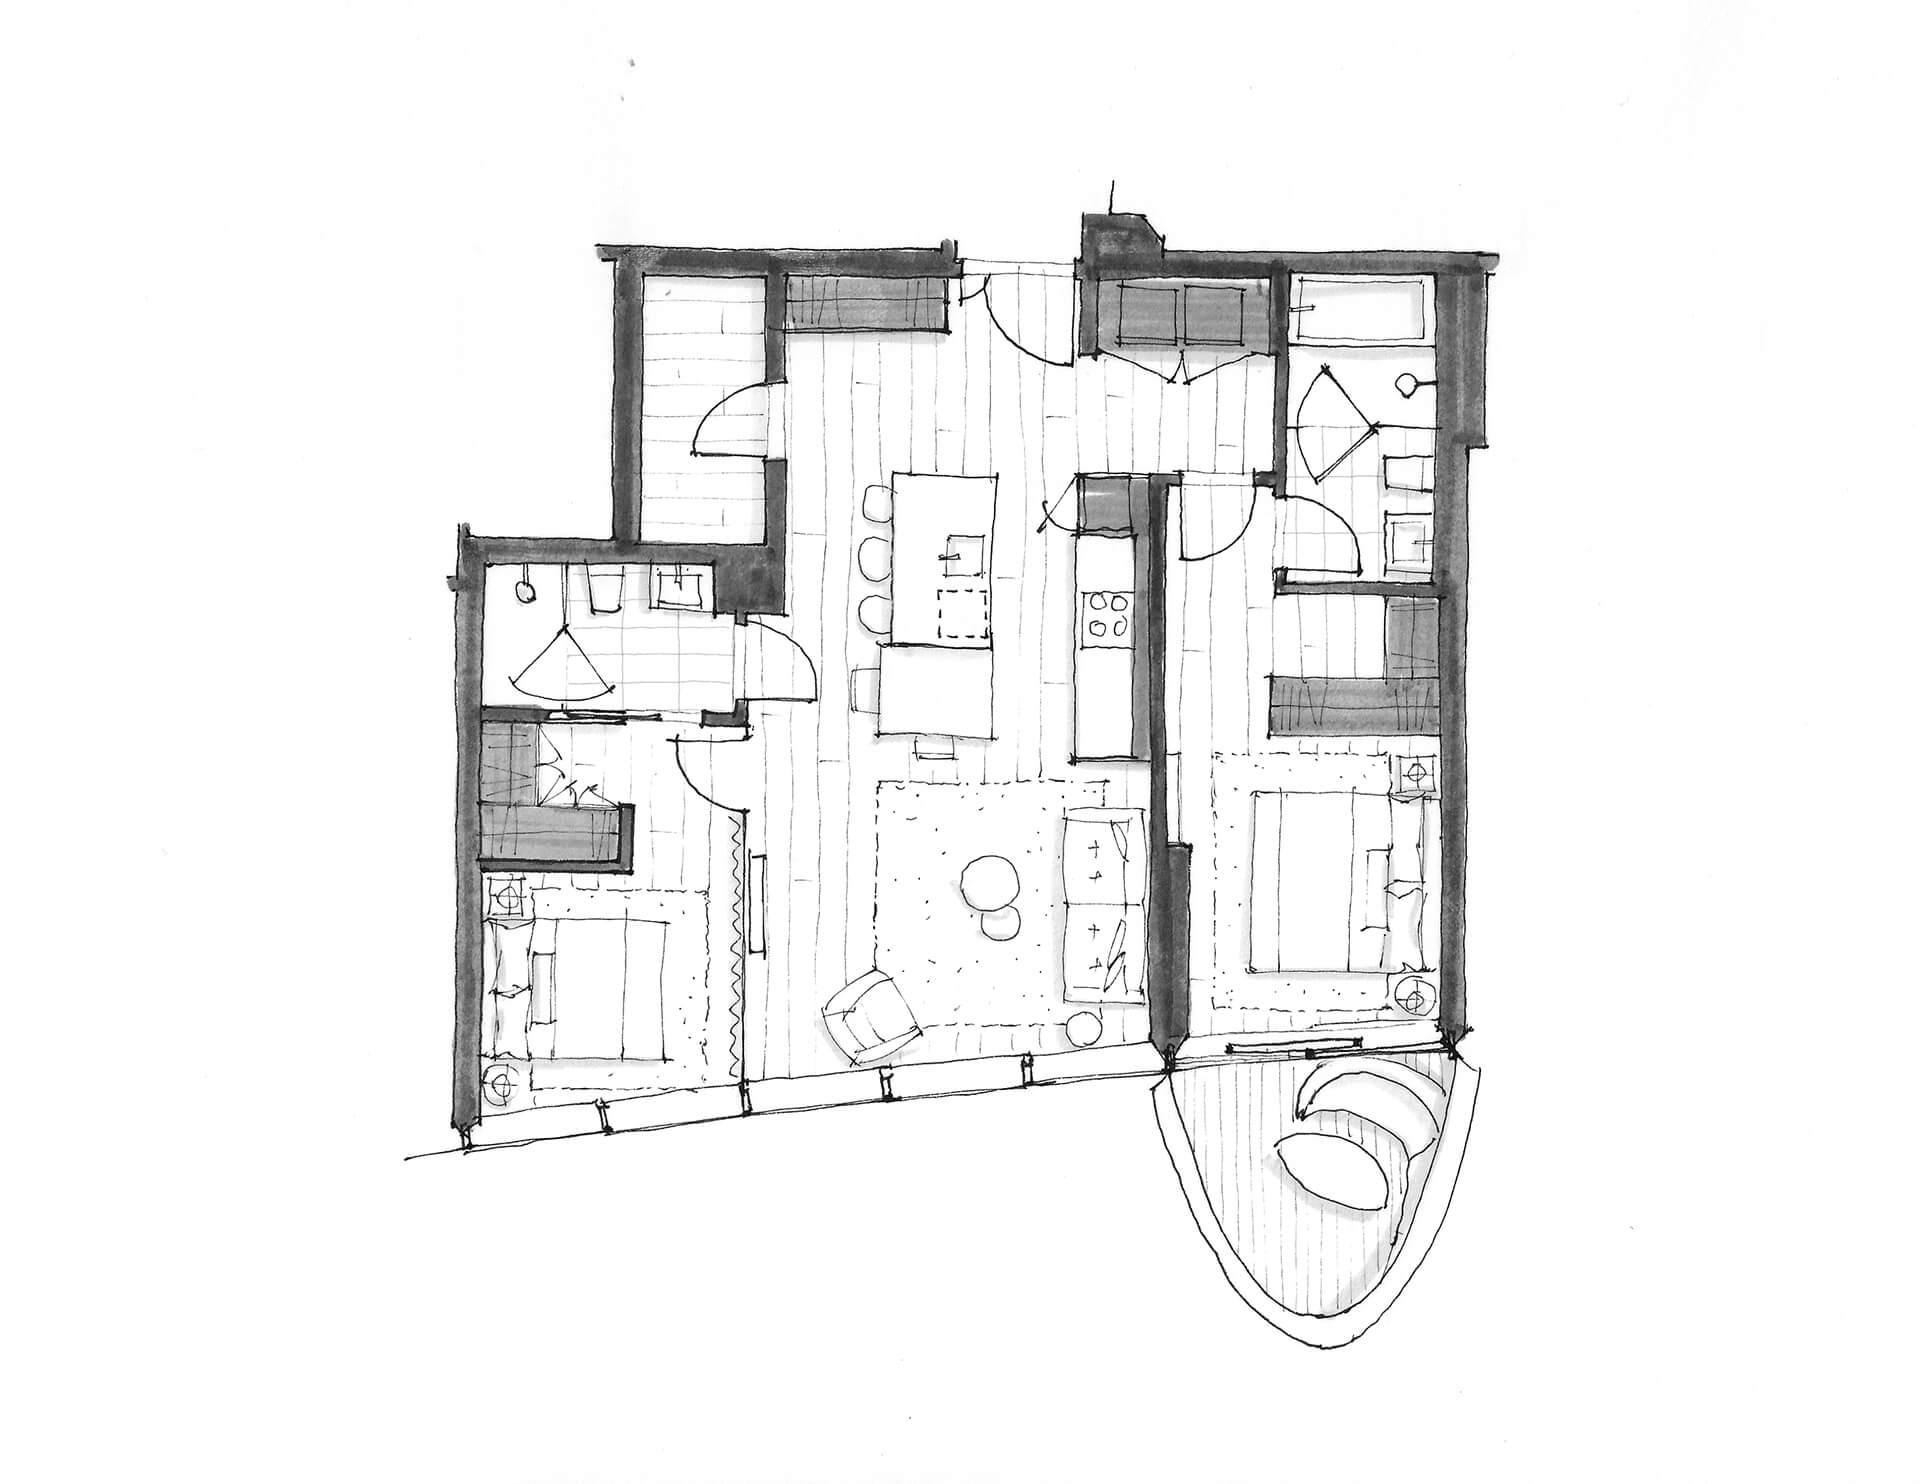 2 Bedroom - Floorplan - Unit 1805